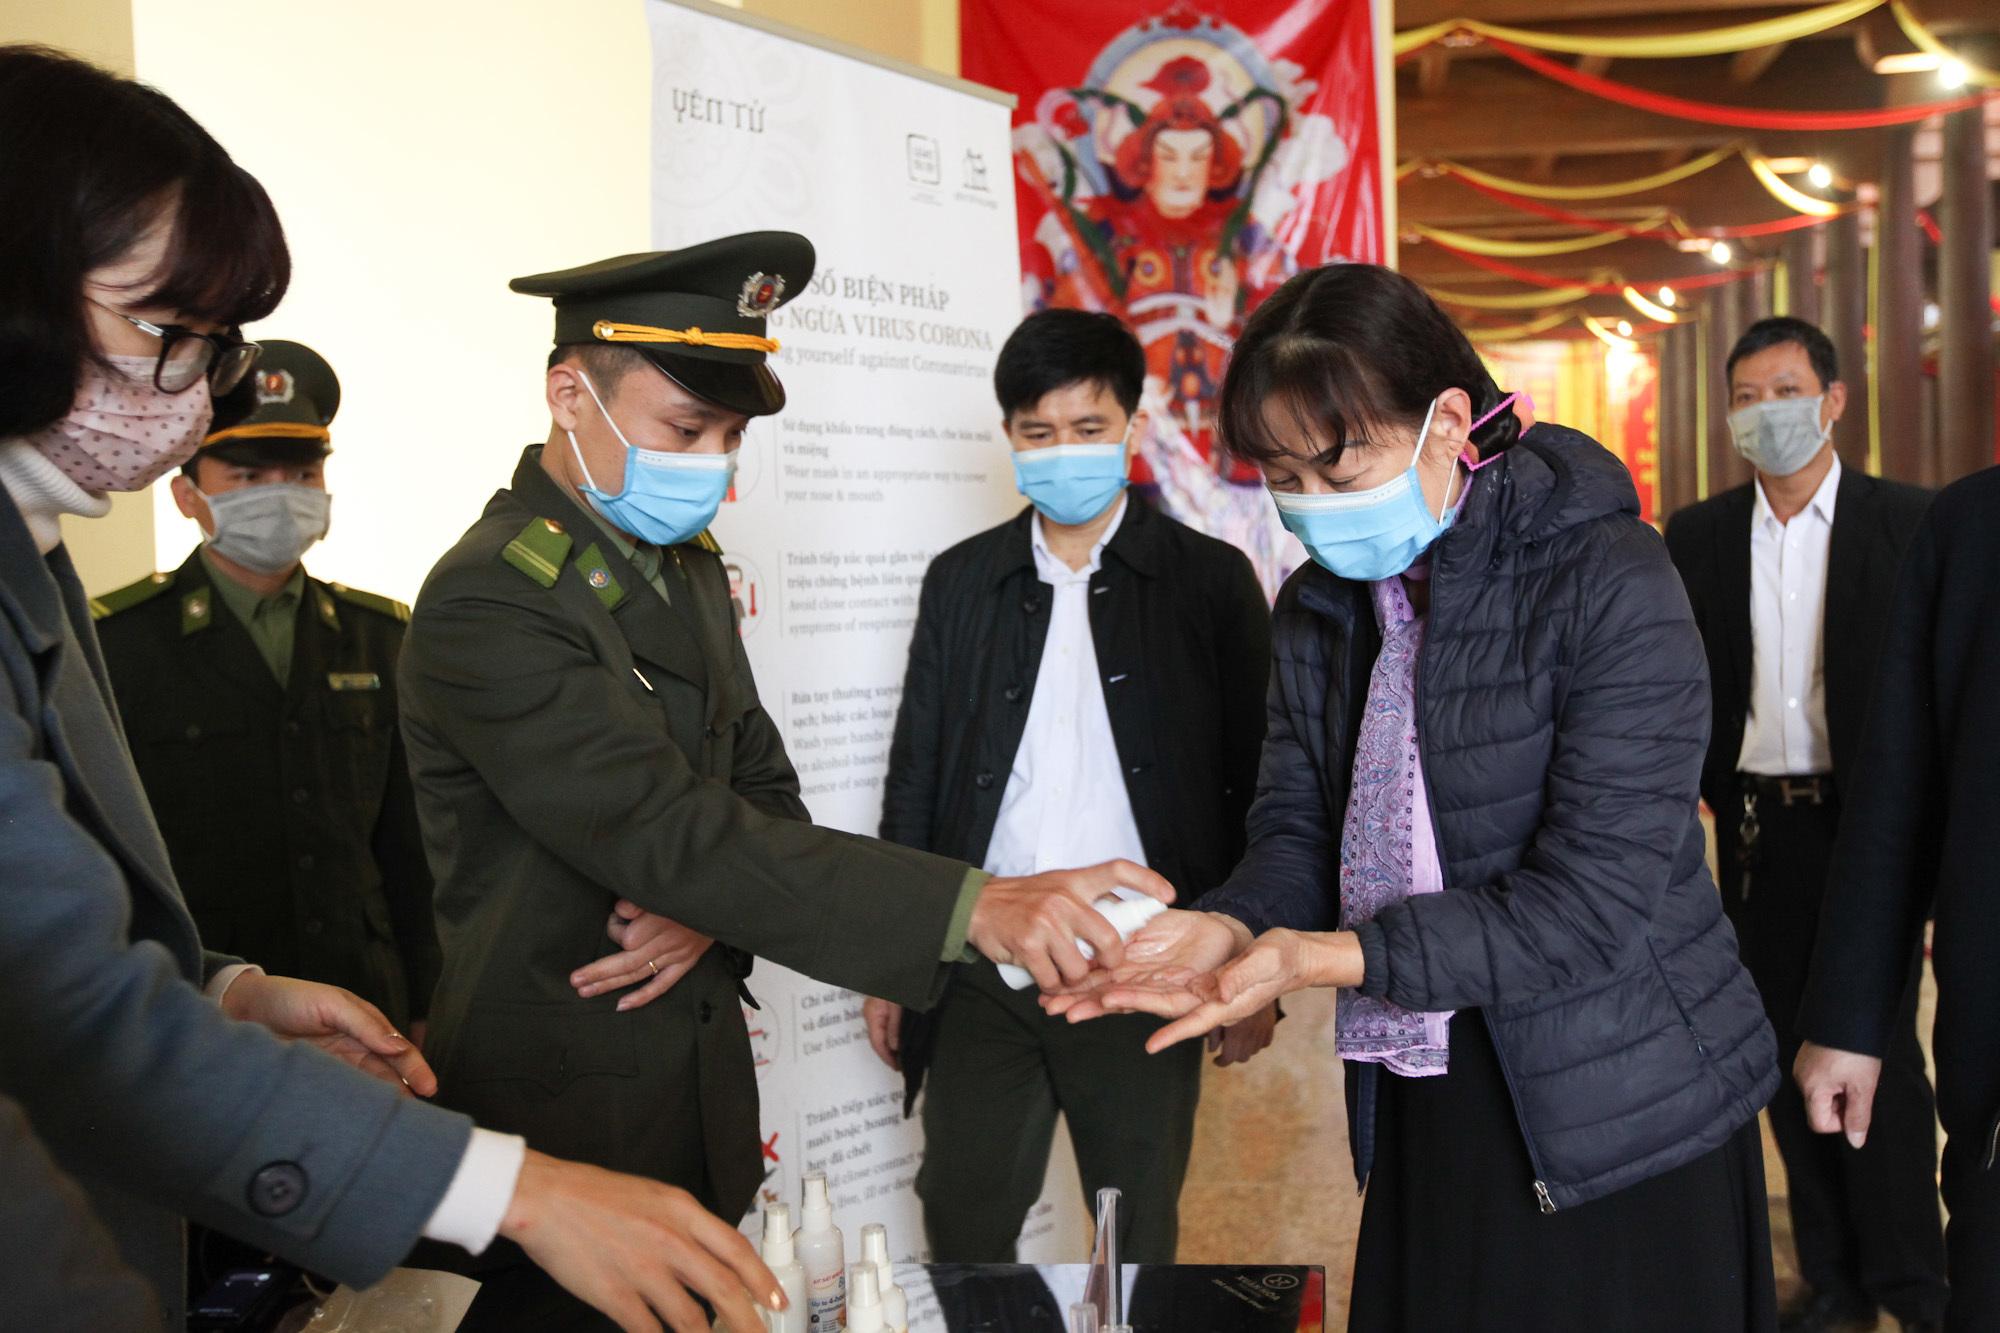 Khách đi lễ Yên Tử được phát khẩu trang miễn phí